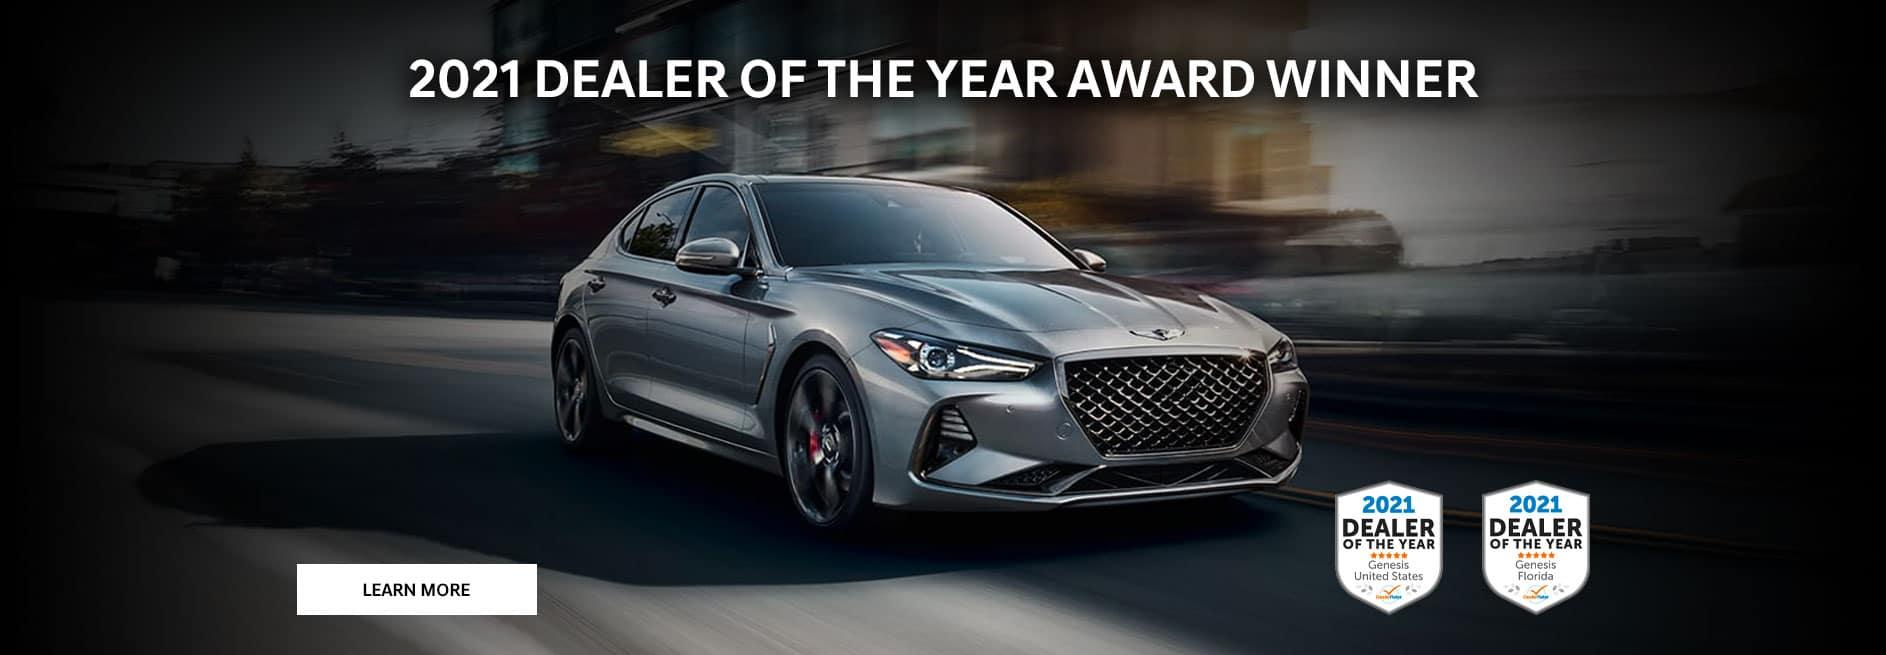 2021 Dealer of the Year Award Winner